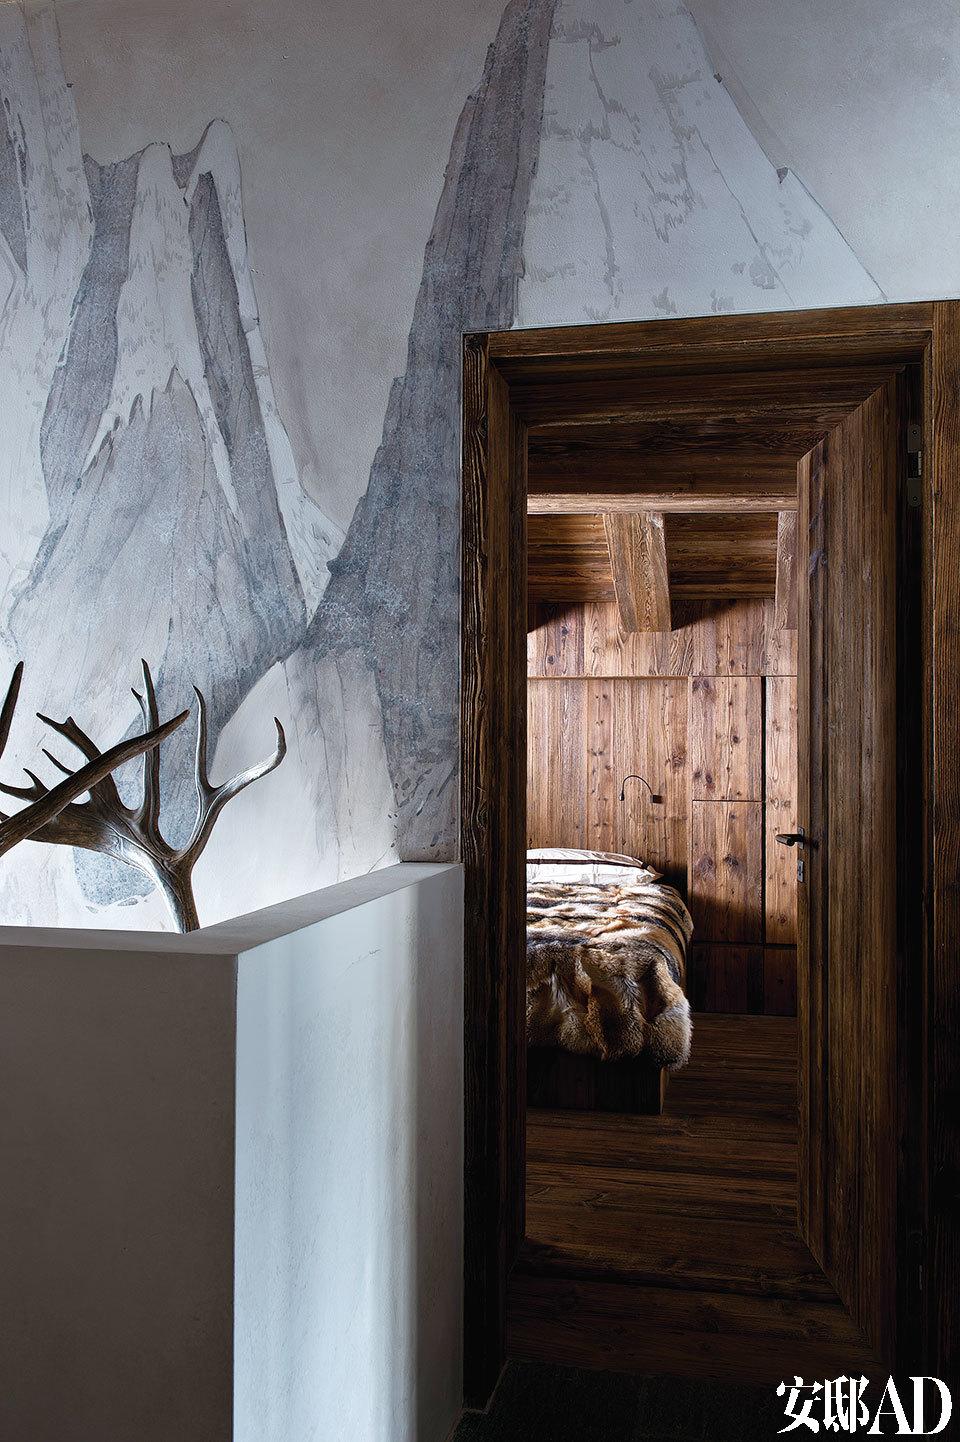 灰白色的墙壁,搭配卧室的木头质地,一截露出的鹿角衬着,最适合做一段山中美梦。